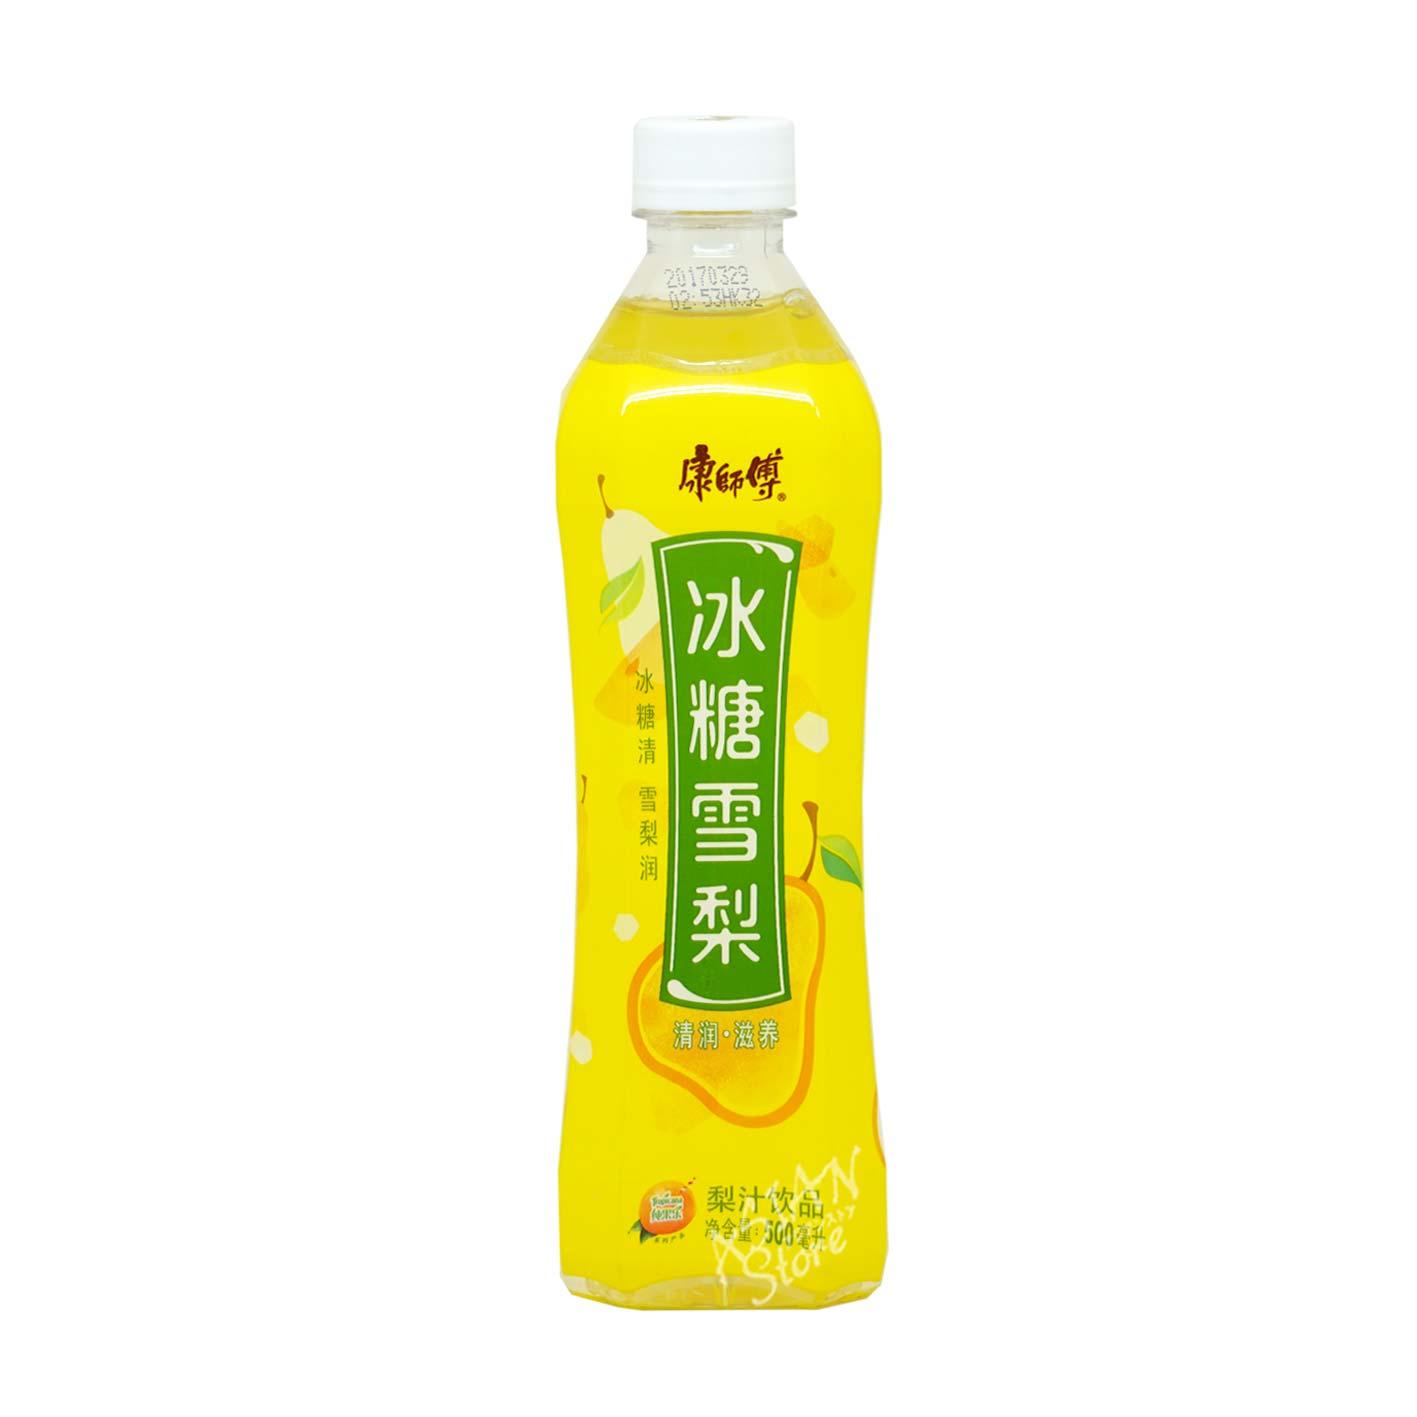 【常温便】カンシーフー梨ジュース/康師傅冰糖雪梨500ml